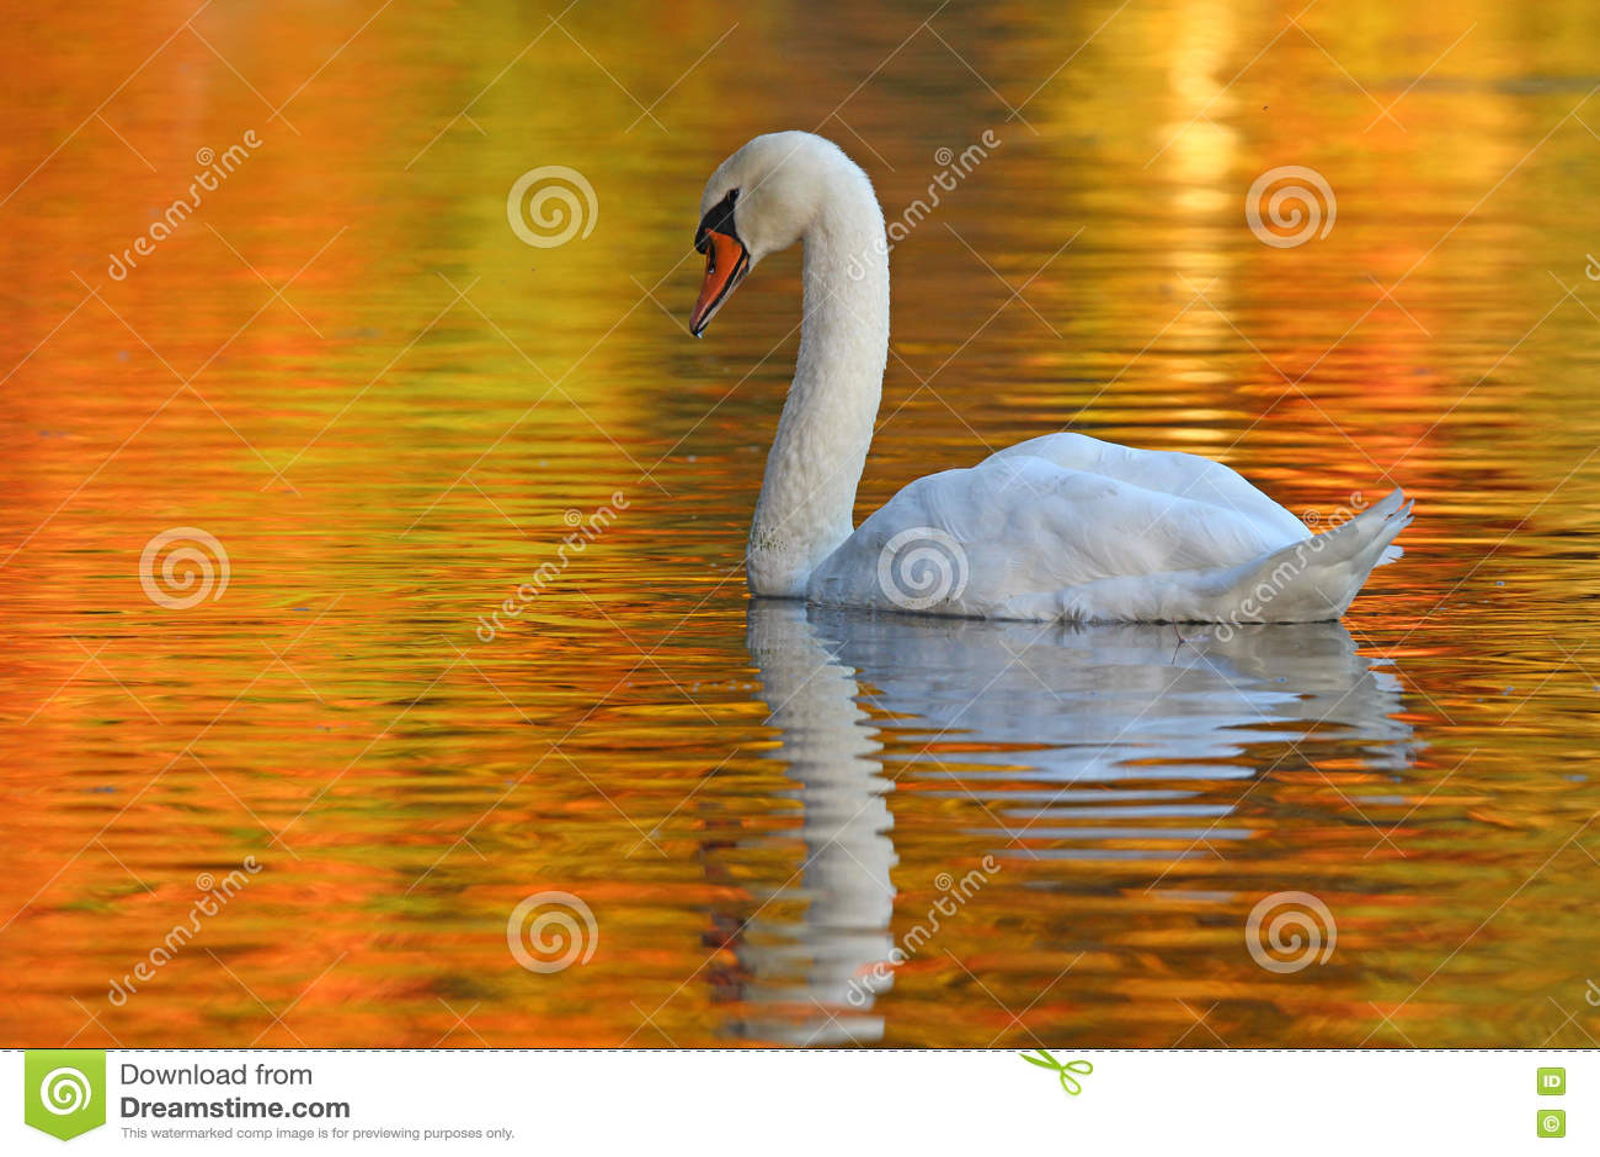 Cisne en una charca de oro